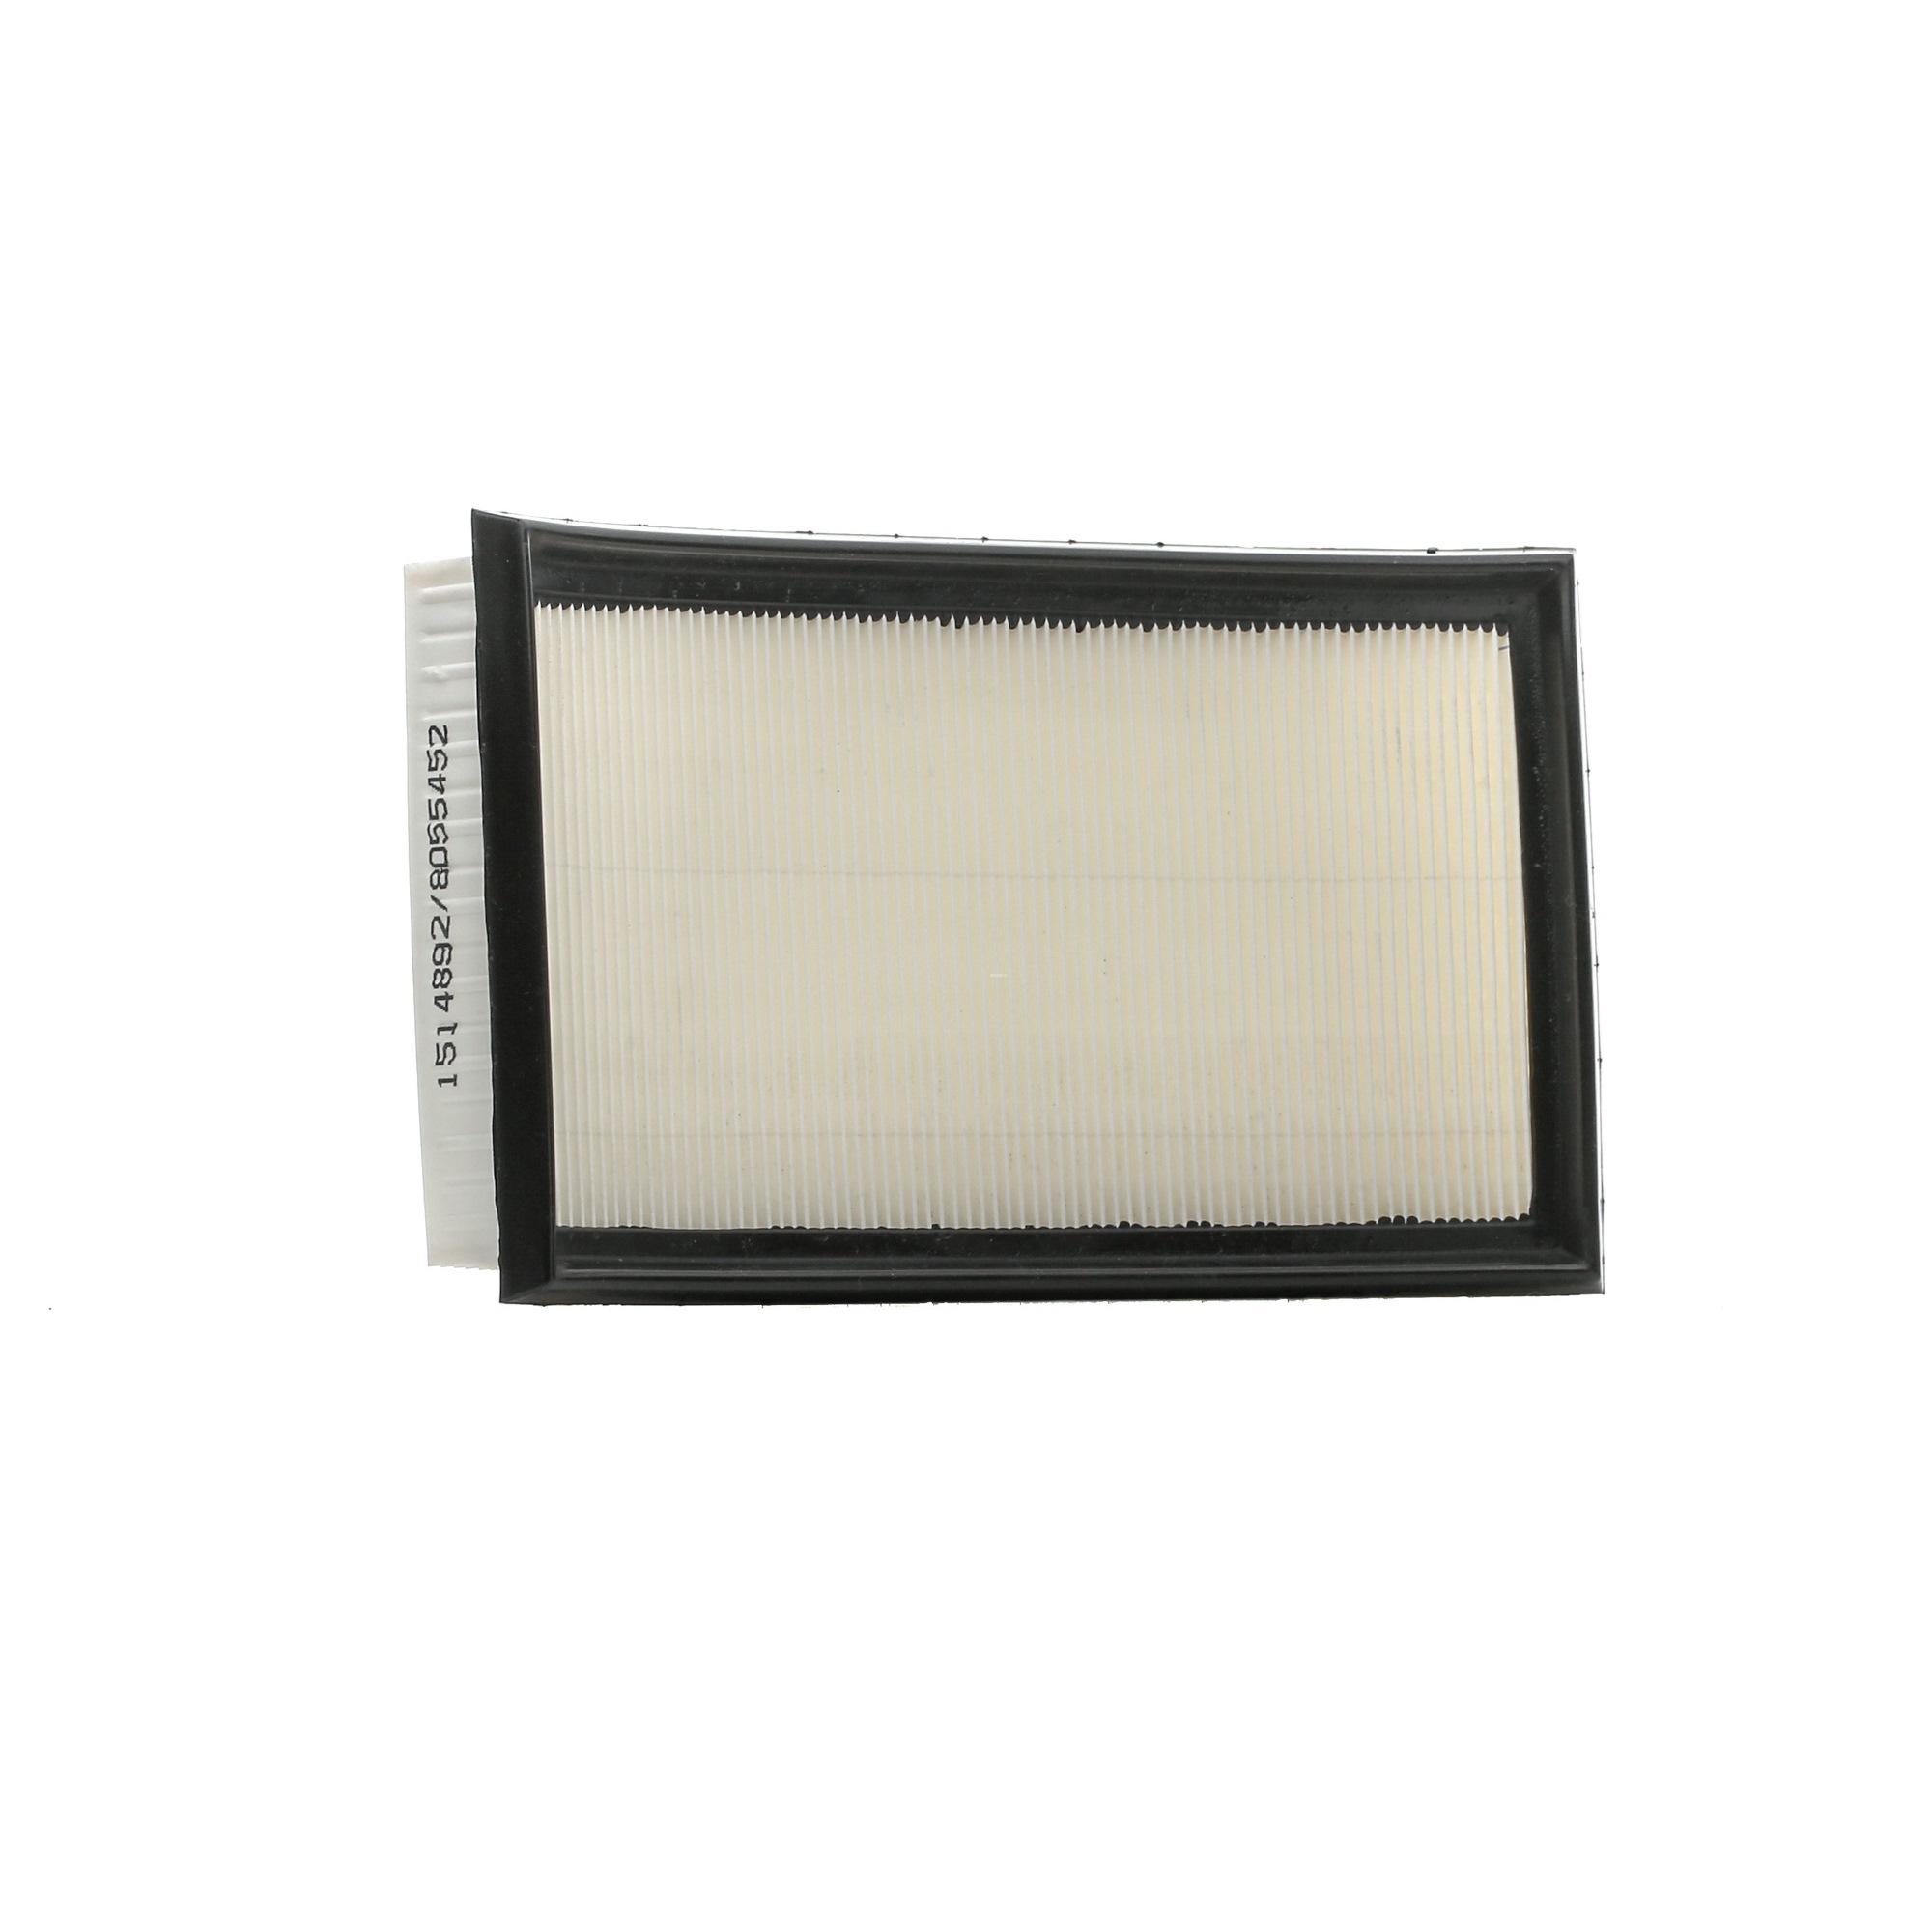 8A0436 RIDEX Umluftfilter Länge: 253mm, Länge: 253mm, Breite: 150mm, Höhe: 37mm Luftfilter 8A0436 günstig kaufen